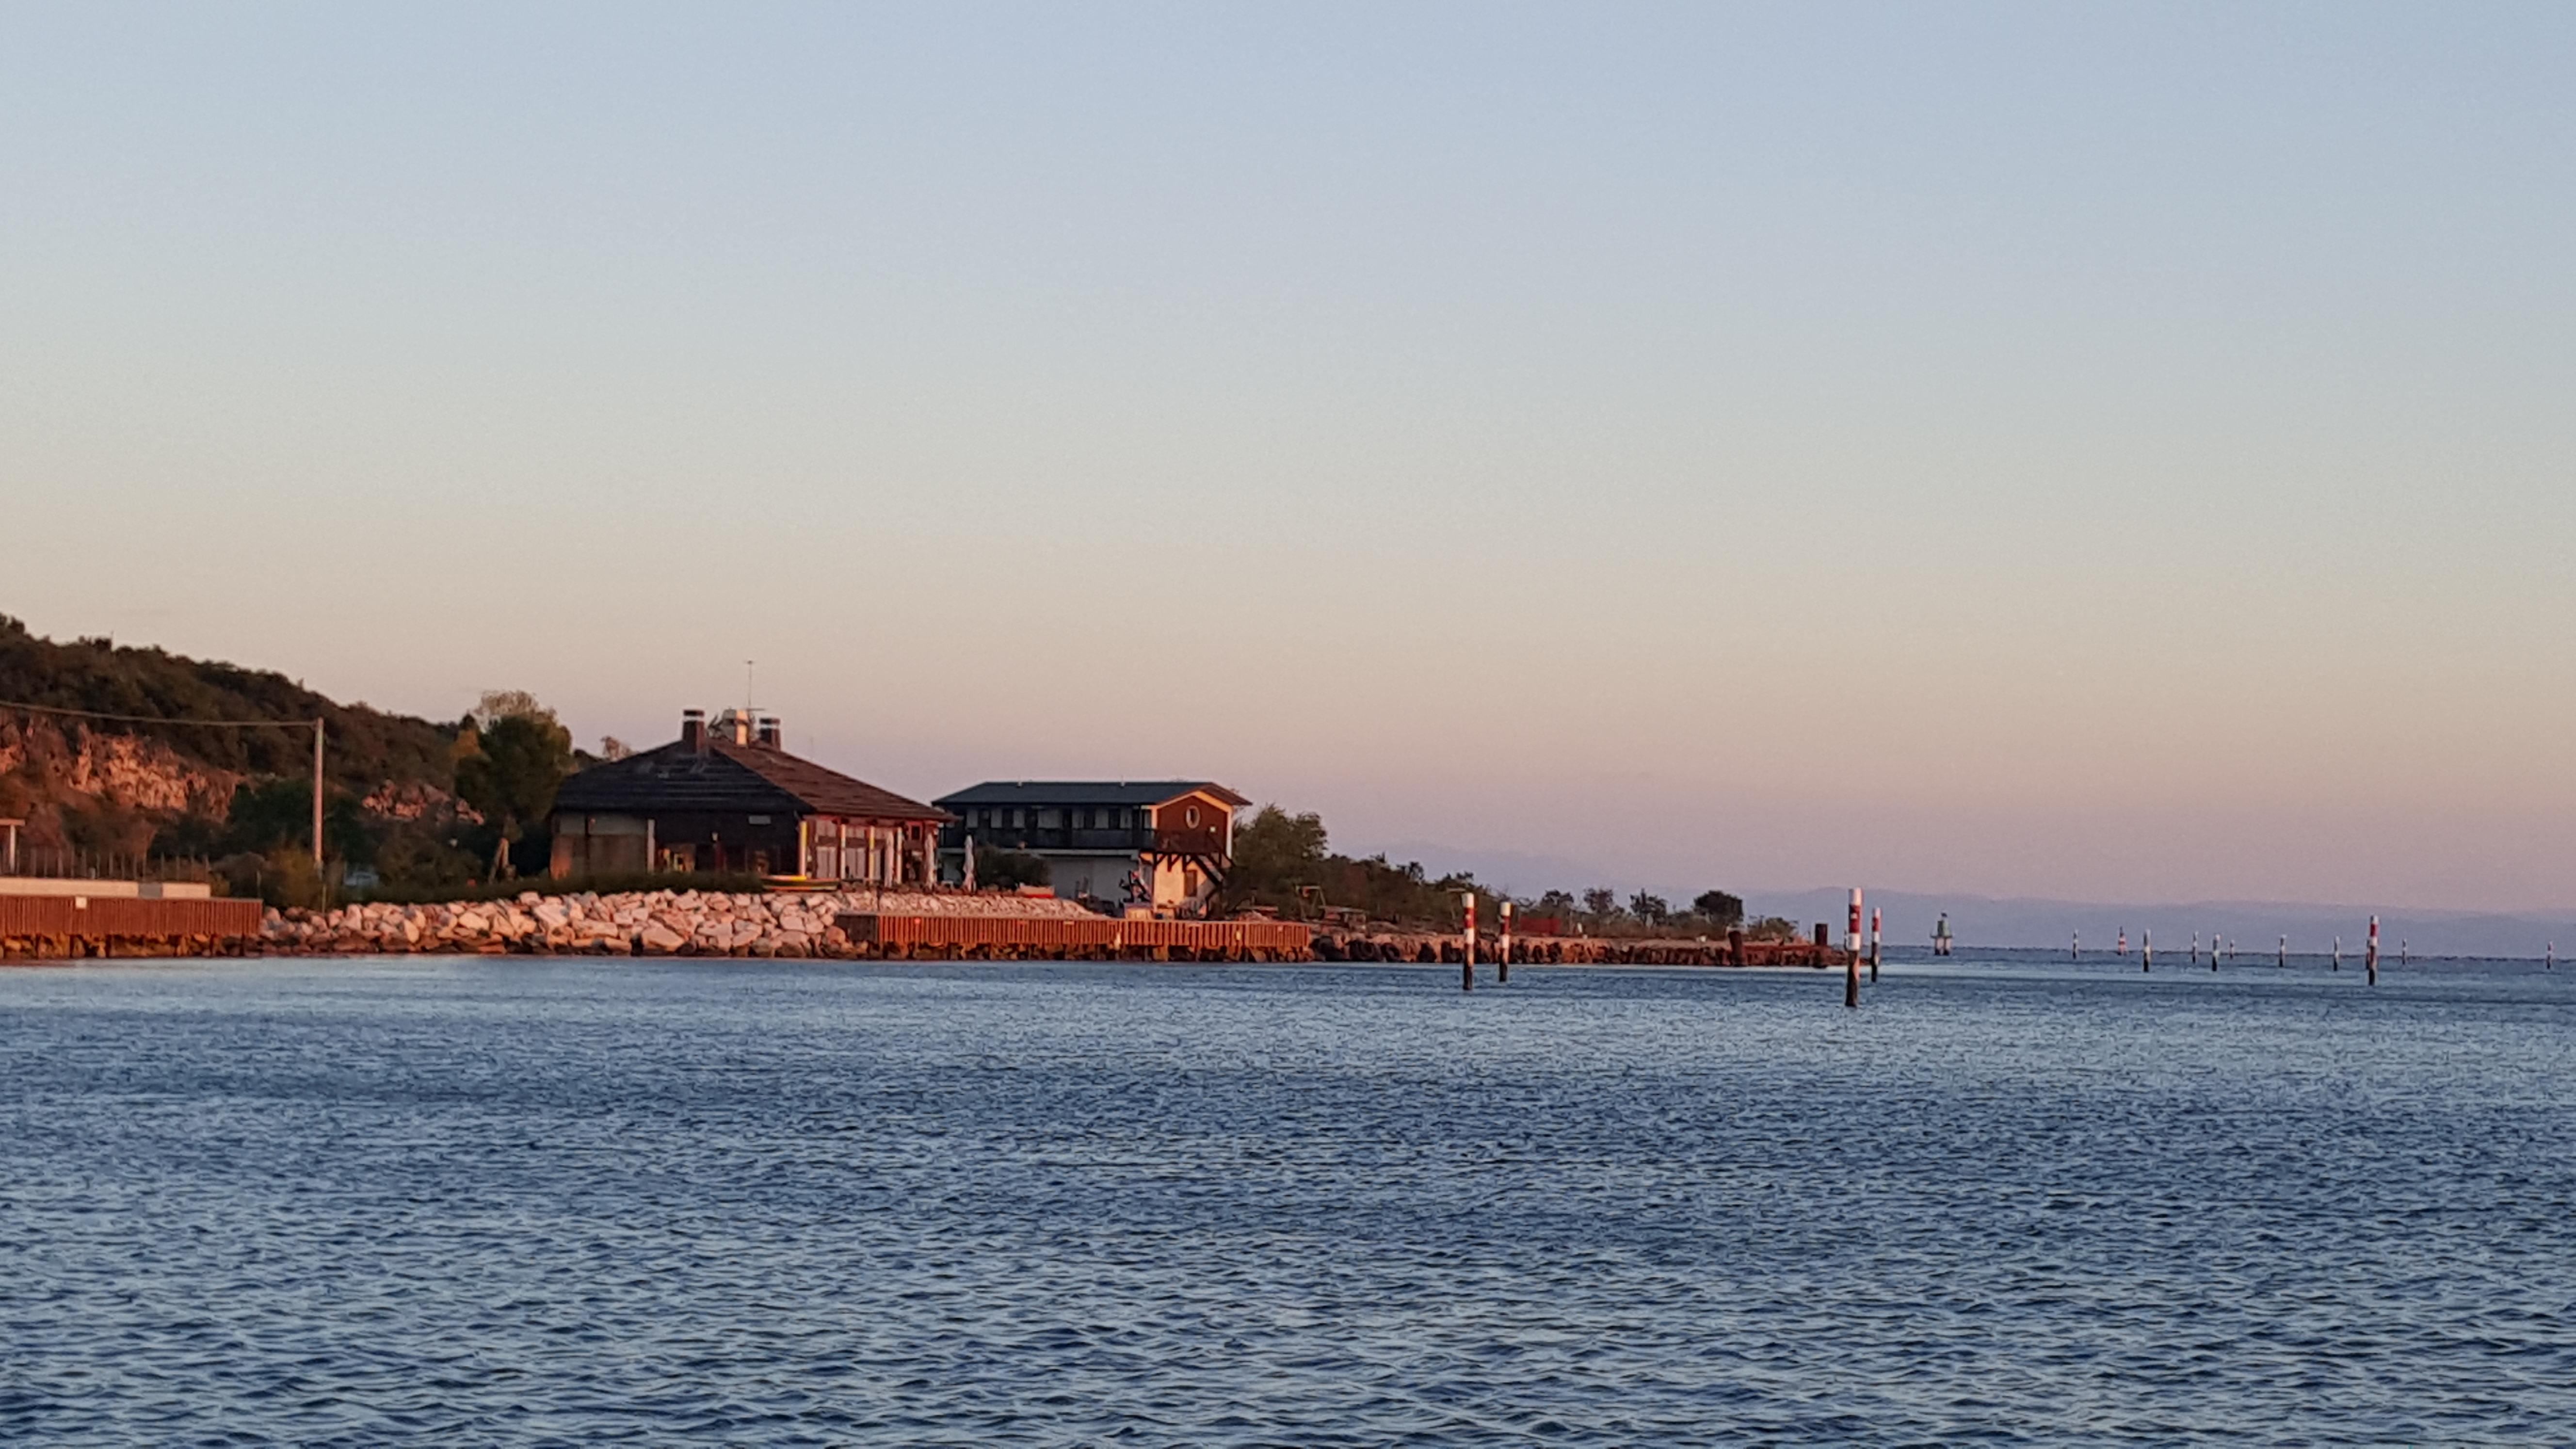 Al Pescaturismo - Villaggio del Pescatore - Novembre 2016